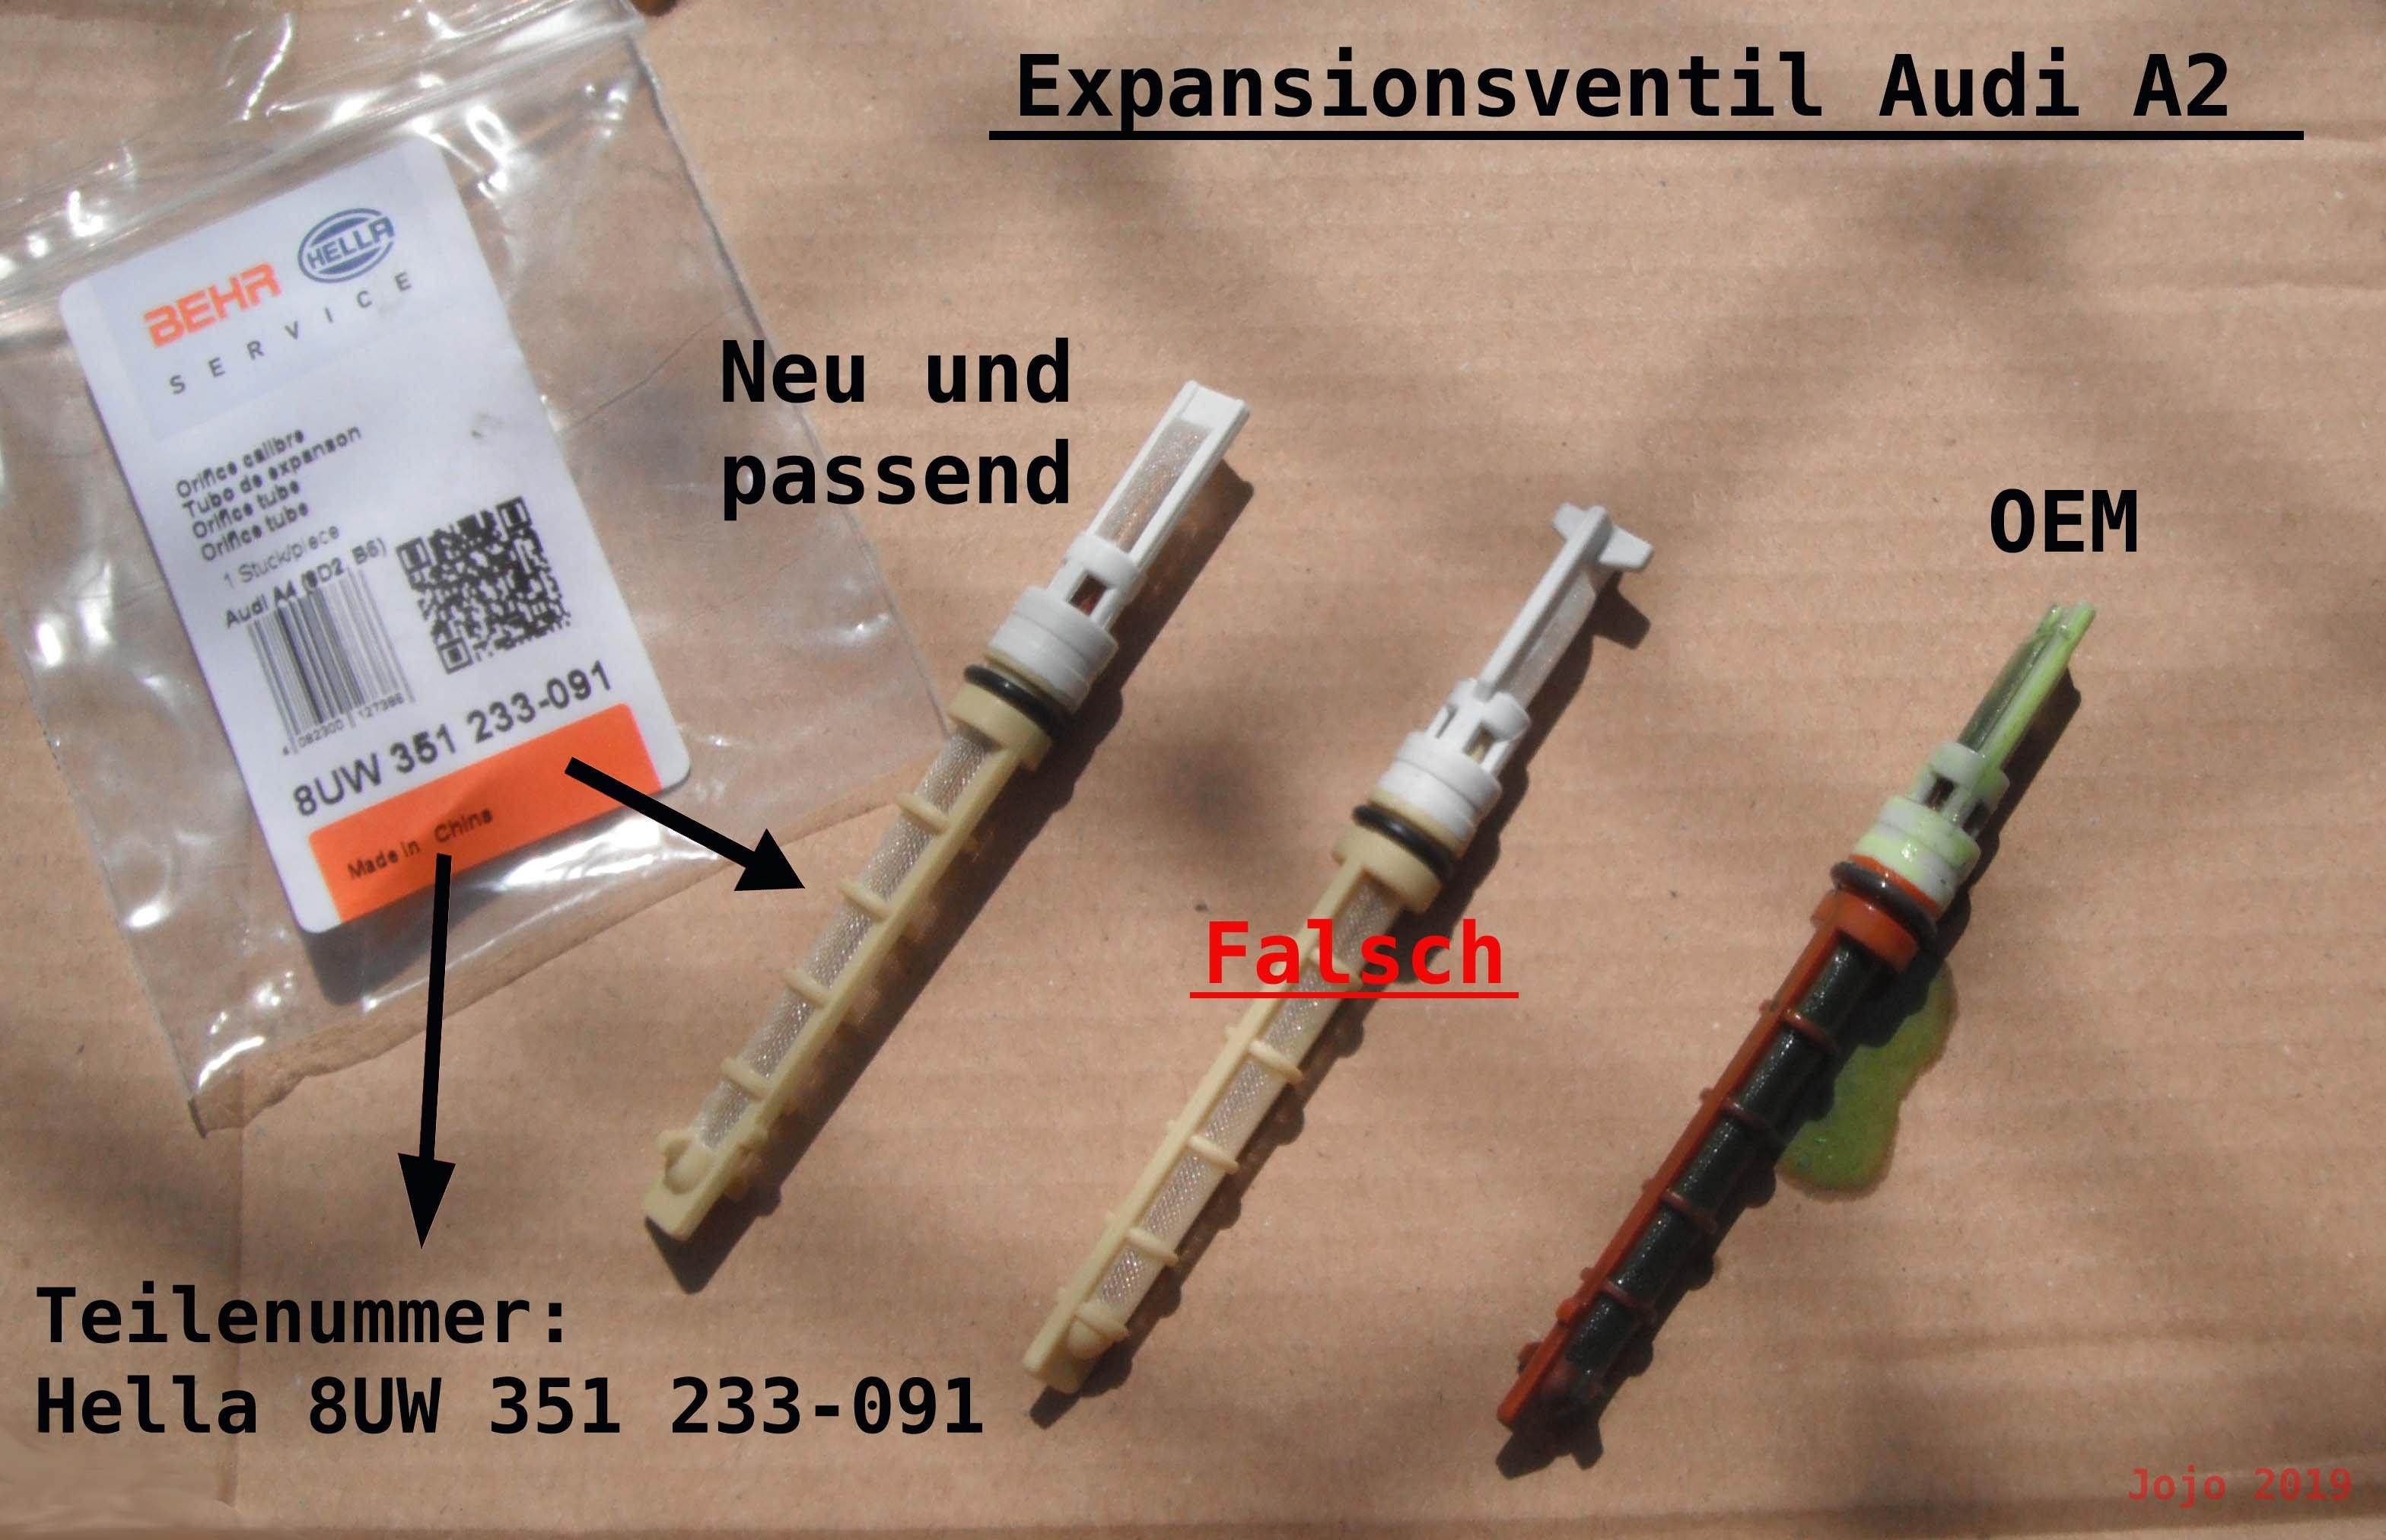 BEHR HELLA SERVICE Einspritzdüse Expansionsventil 8UW 351 233-091 für AUDI A4 A2